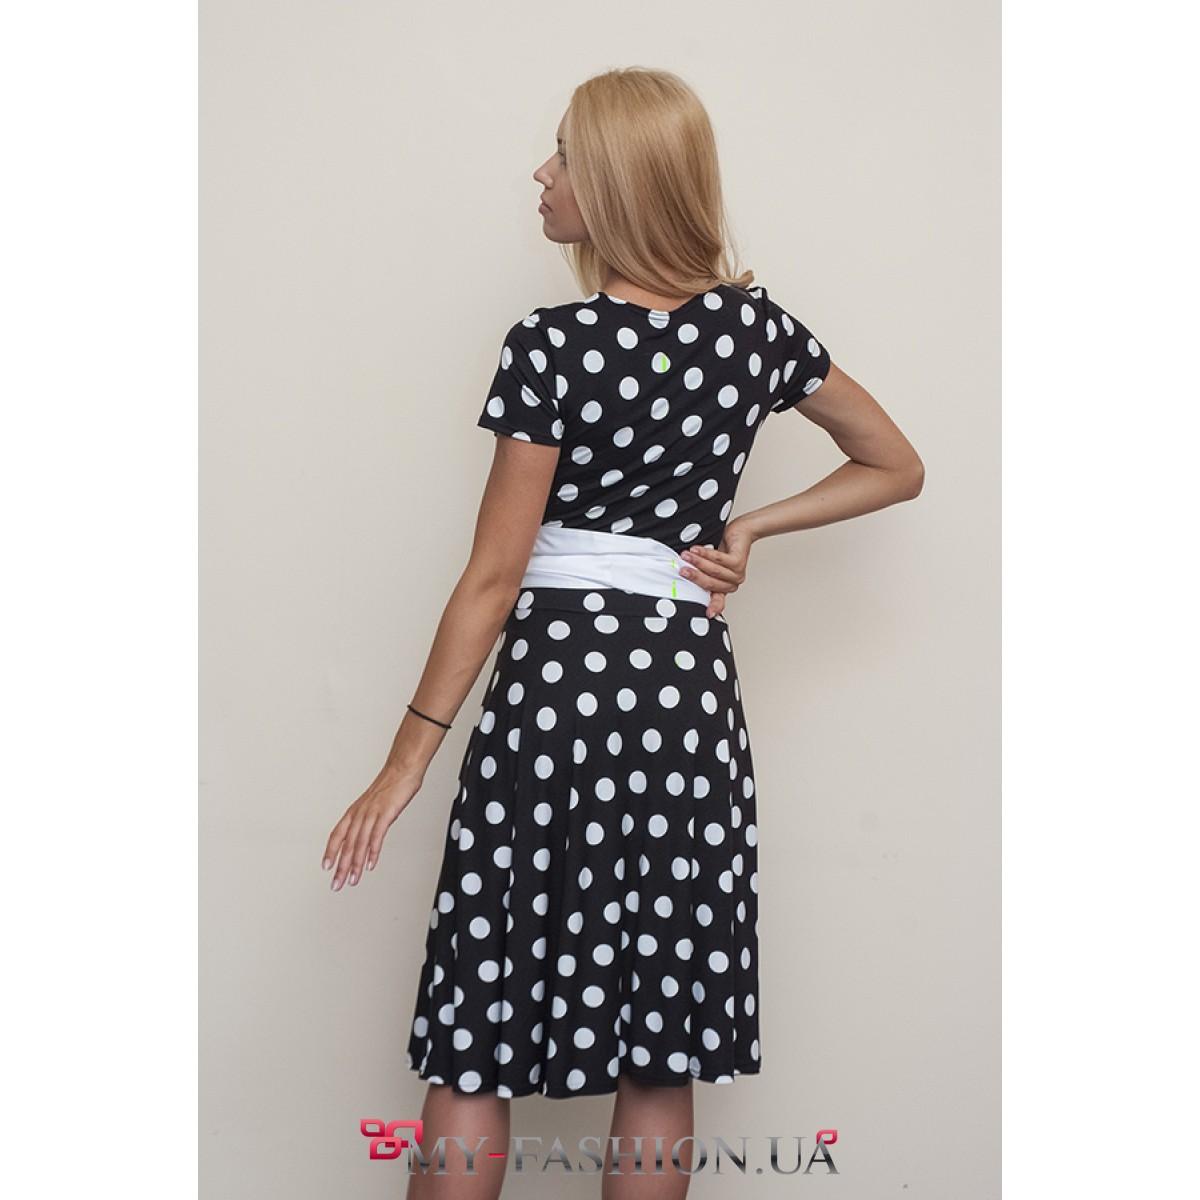 Короткие платья доставка